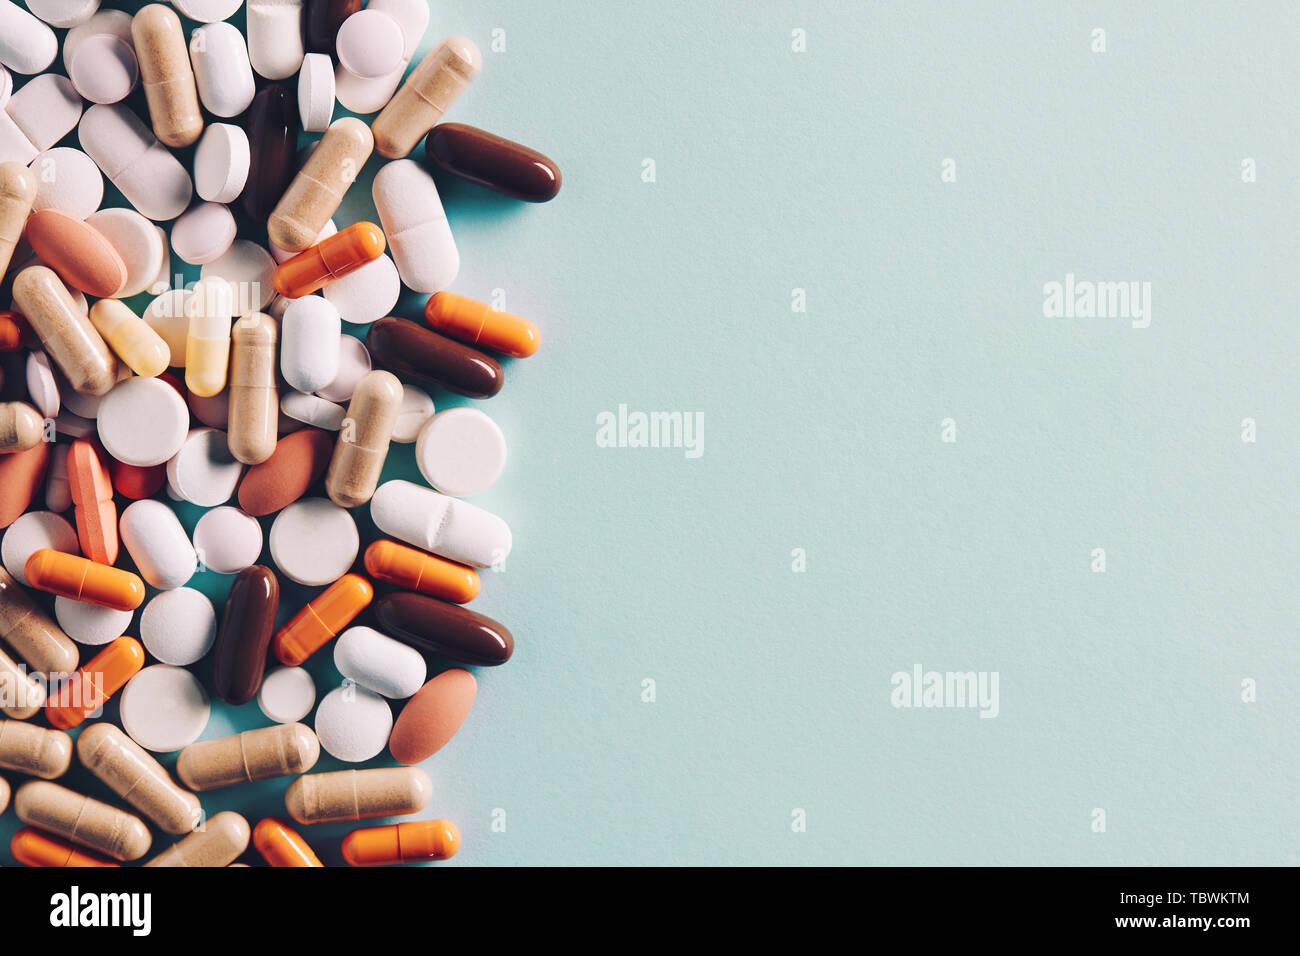 Des tas de comprimés et gélules comprimés colorés avec copie espace pour le texte. Vue du haut vers le bas. Banque D'Images